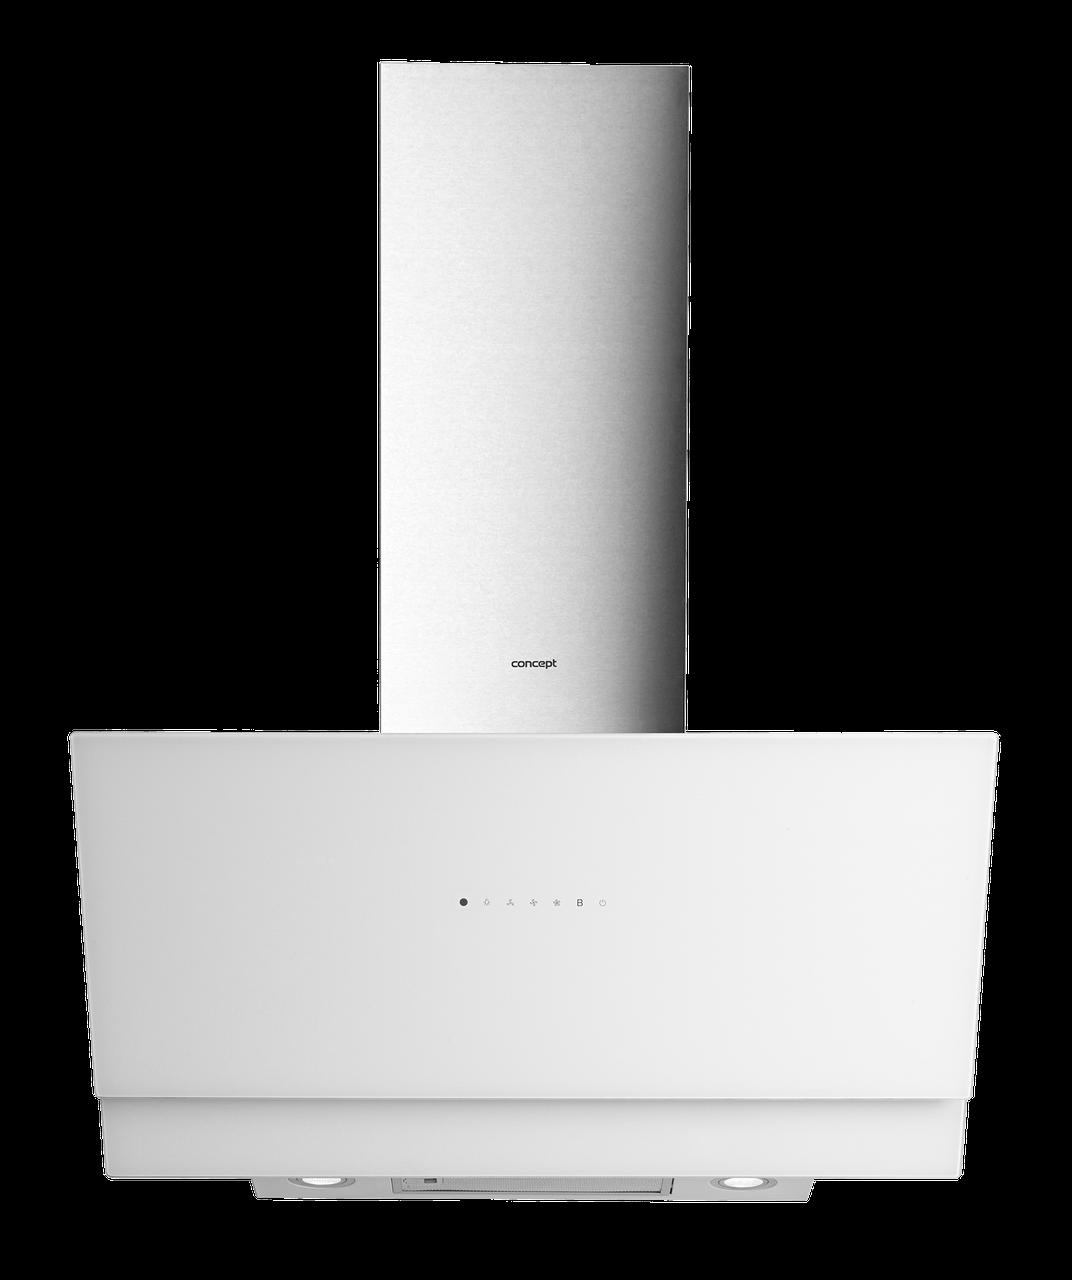 Вытяжка Concept OPK-5490wh Чехия